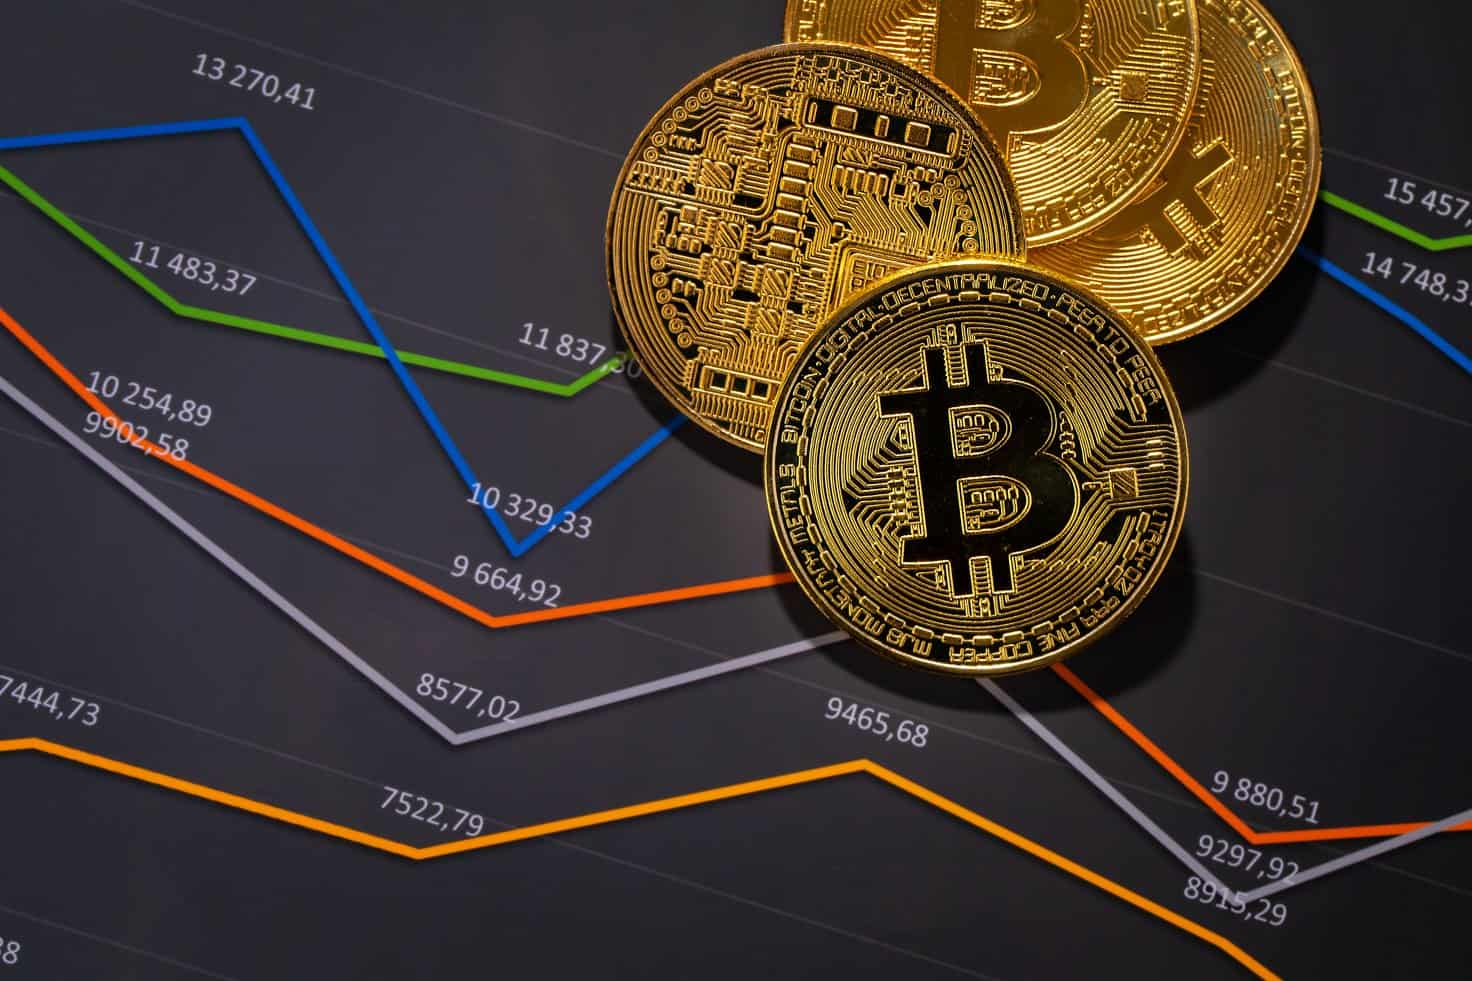 با عبور بیتکوین از ۳۷ هزار دلار ارزش بازار رمزارزها به یک تریلیون دلار رسید